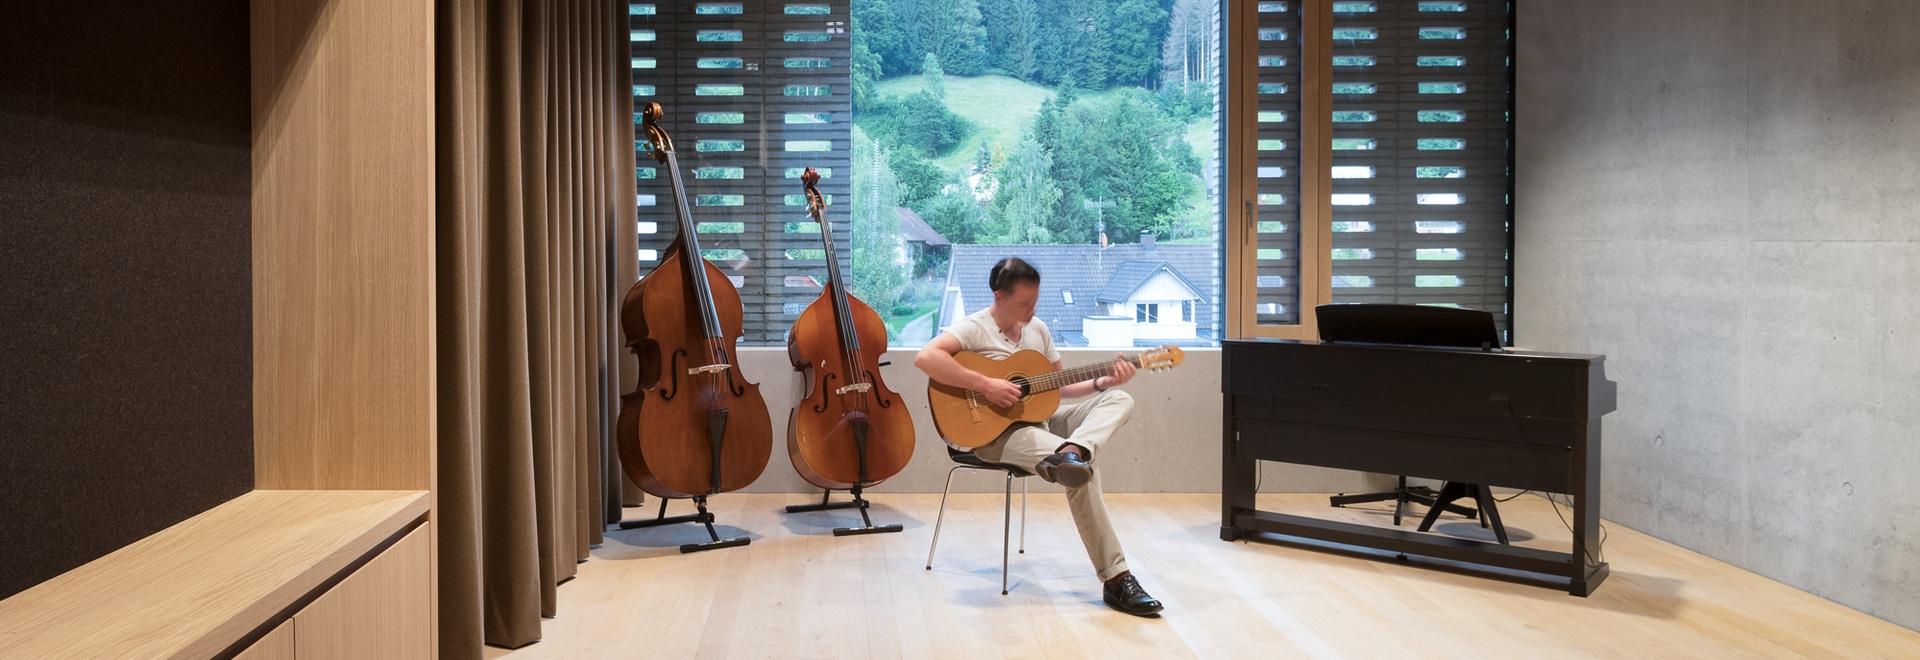 Skulpturaler Musikschulbau in Wolfurt mit Sonderleuchten von Zumtobel inszeniert